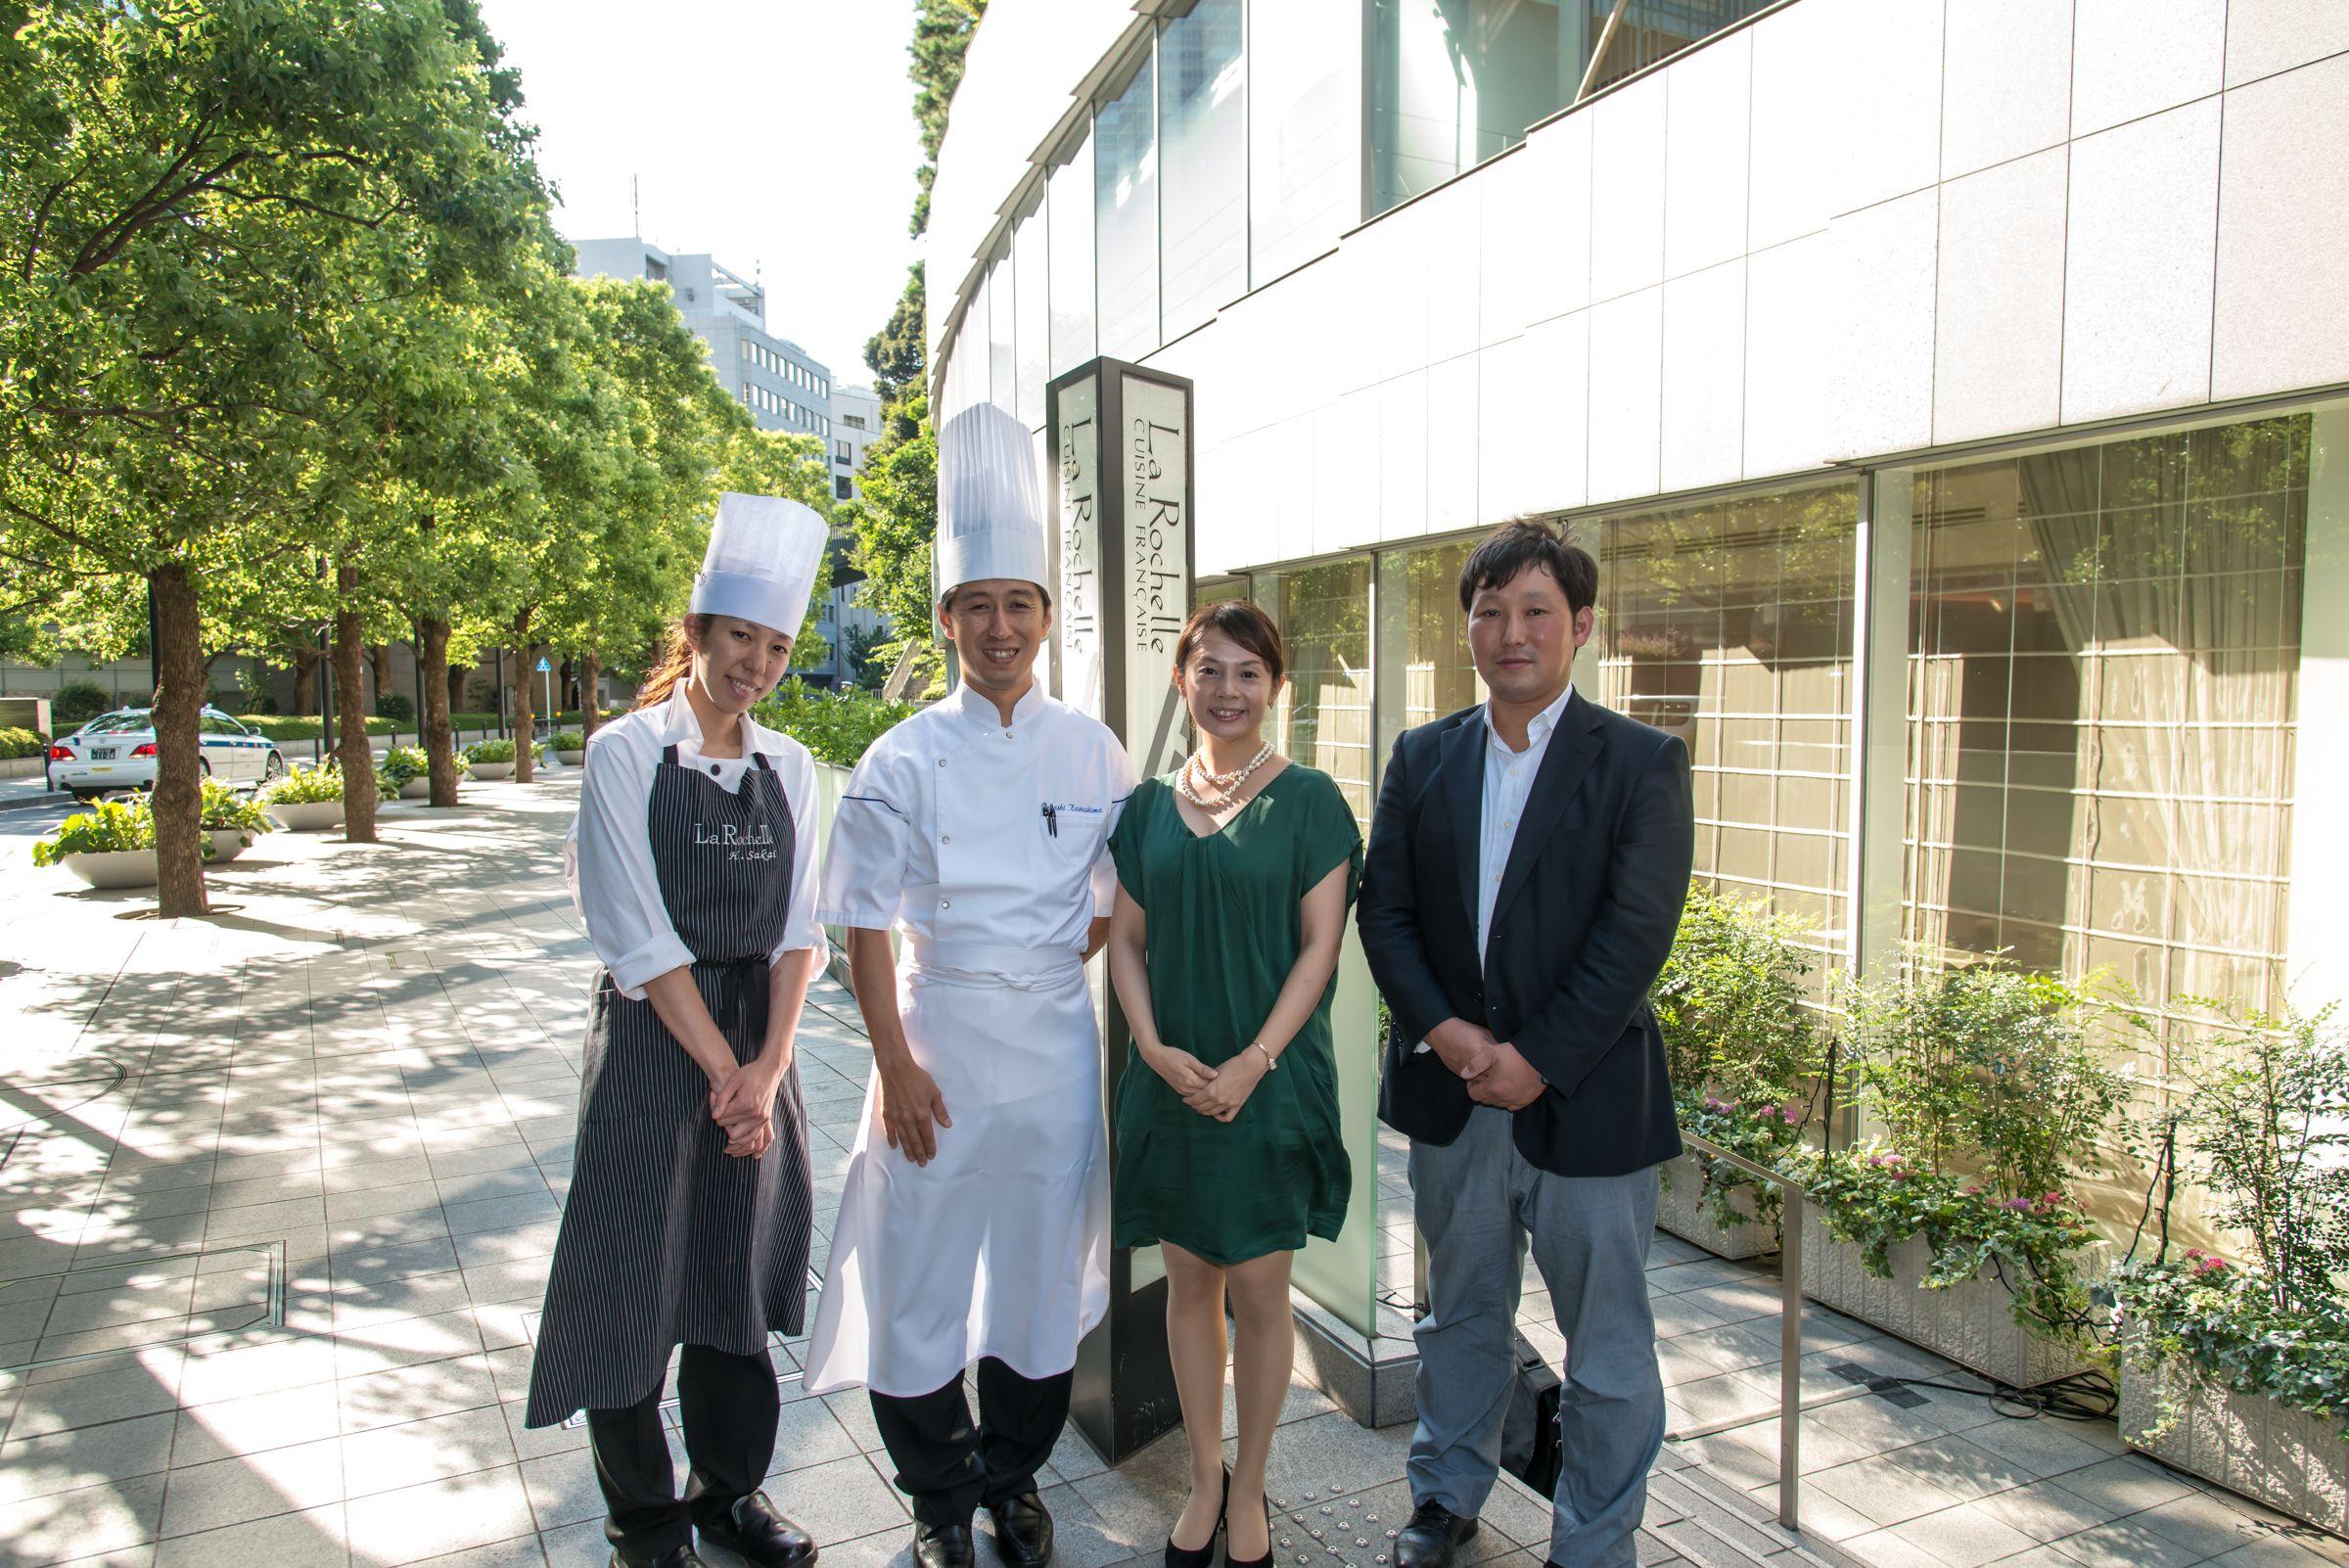 川島料理長、有働シェフパティシェ、鵜藤野菜ソムリエと、弊園代表阿部